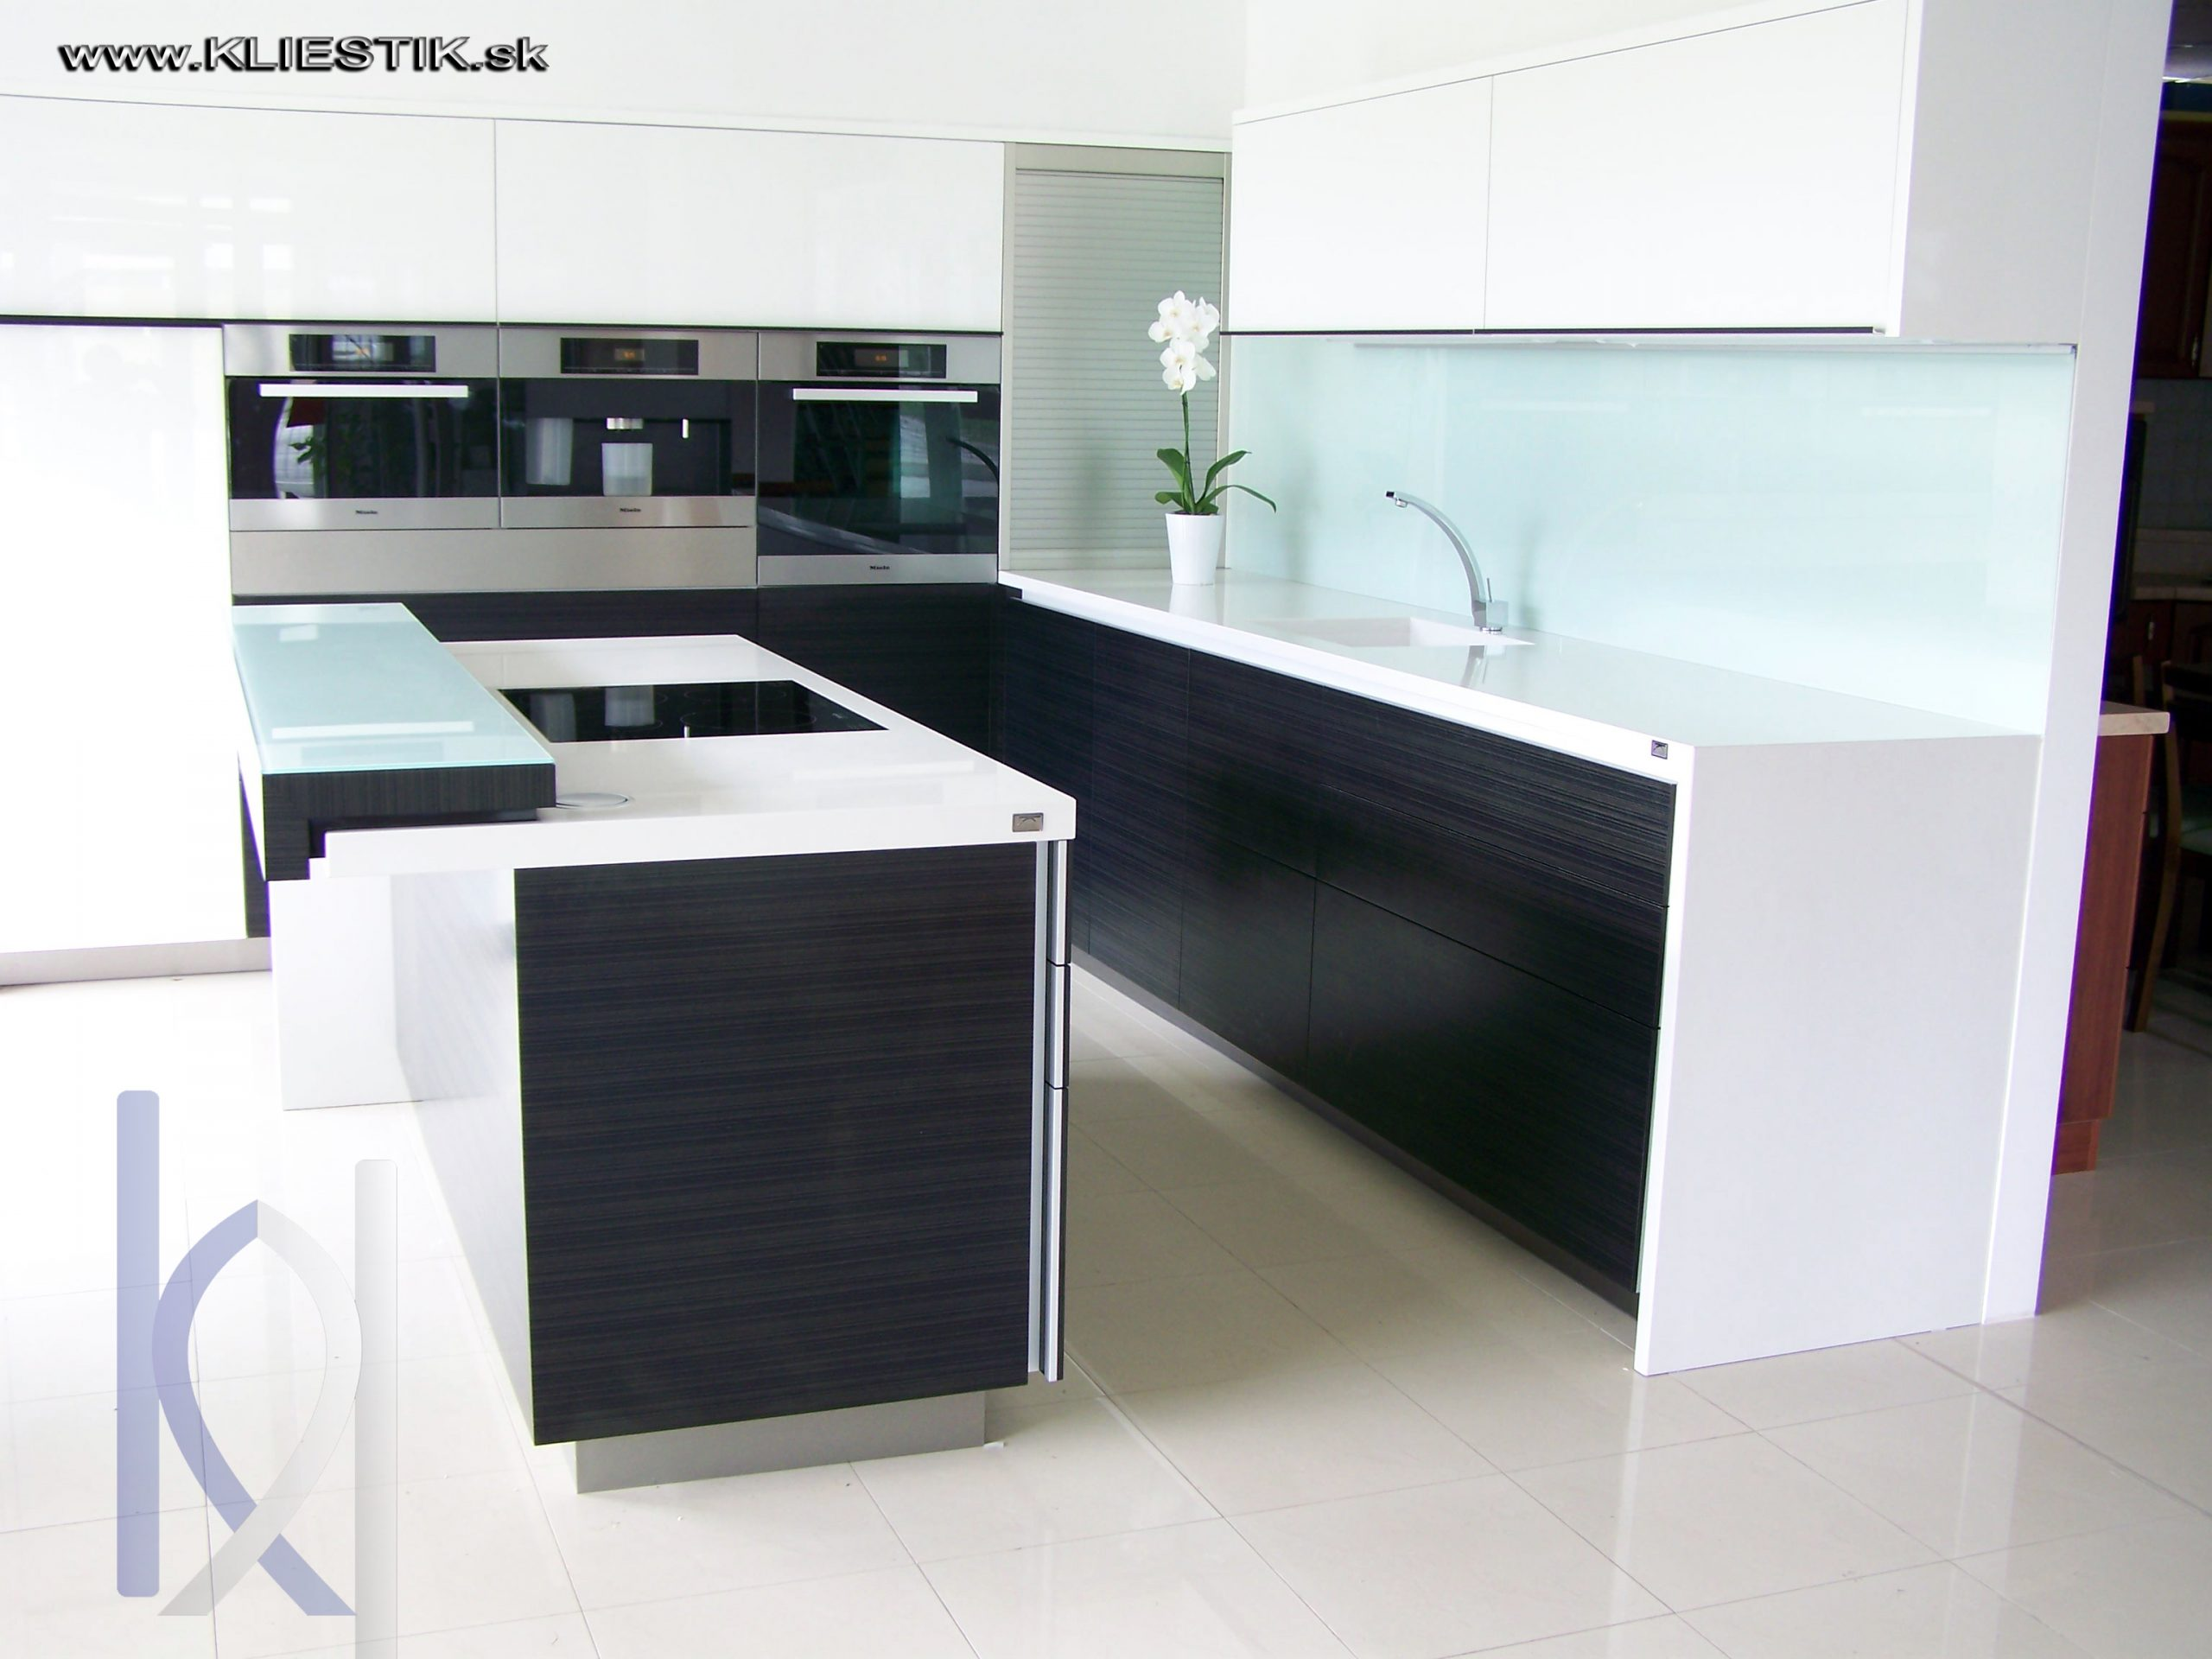 kuchynské pracovné dosky kombinácia bielej a čiernej